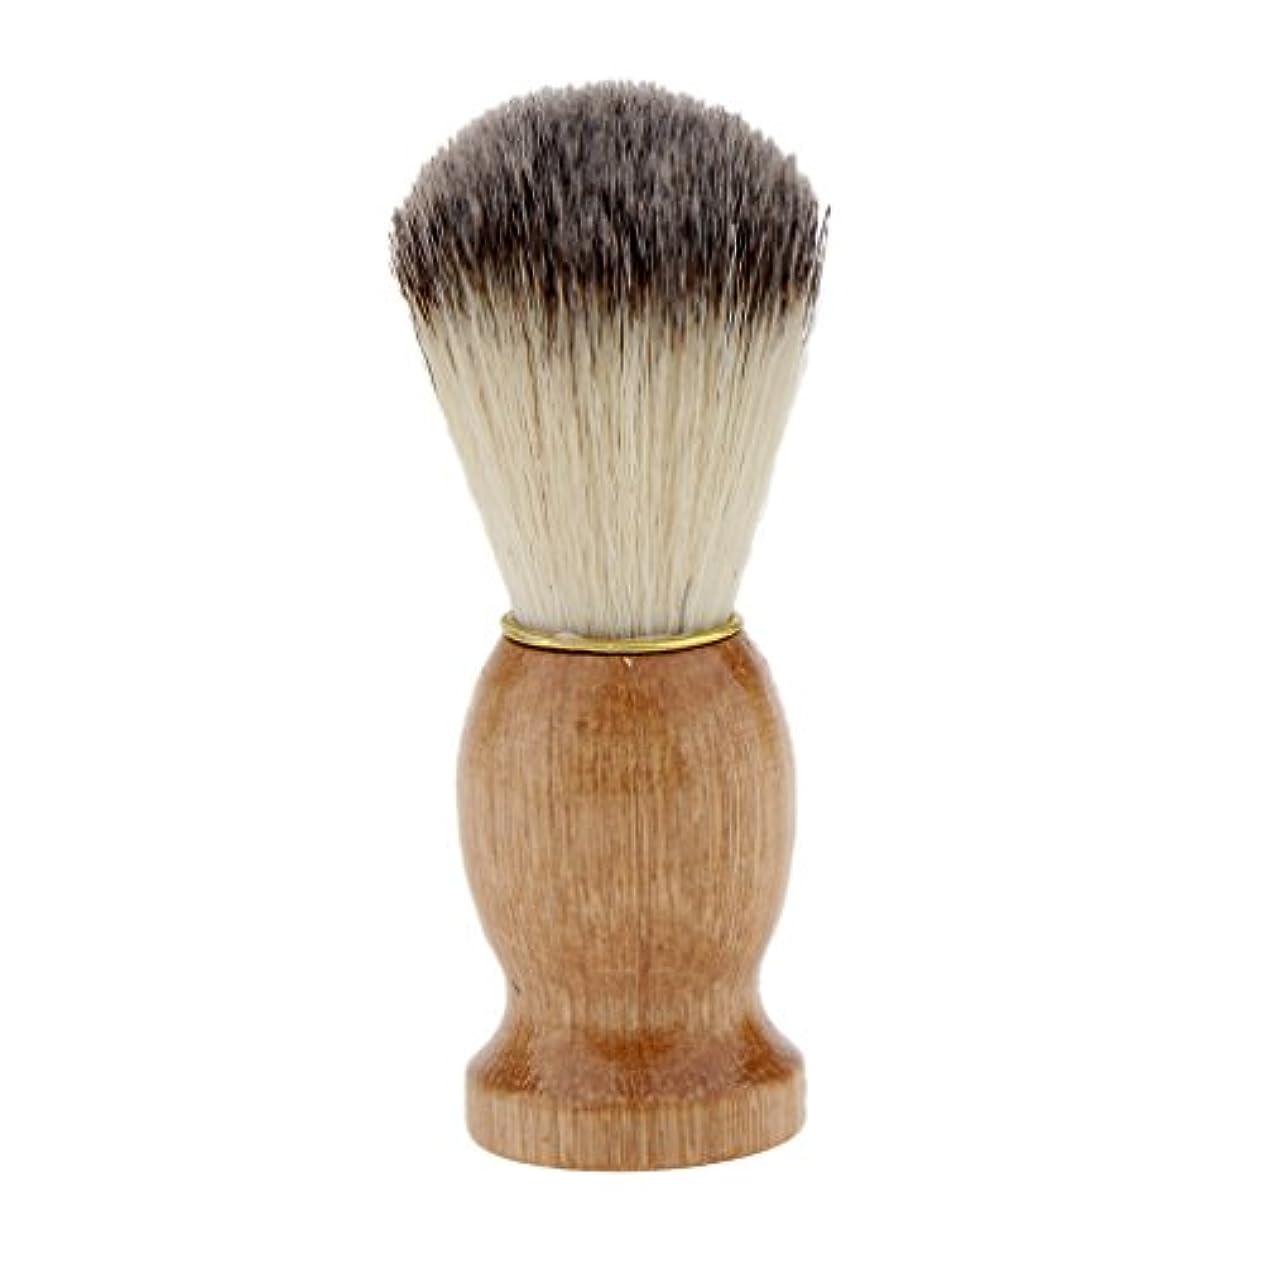 信頼性特別なネットCUTICATE シェービングブラシ 理容師 シェービングブラシ ひげ剃りブラシ コスメブラシ 木製ハンドル